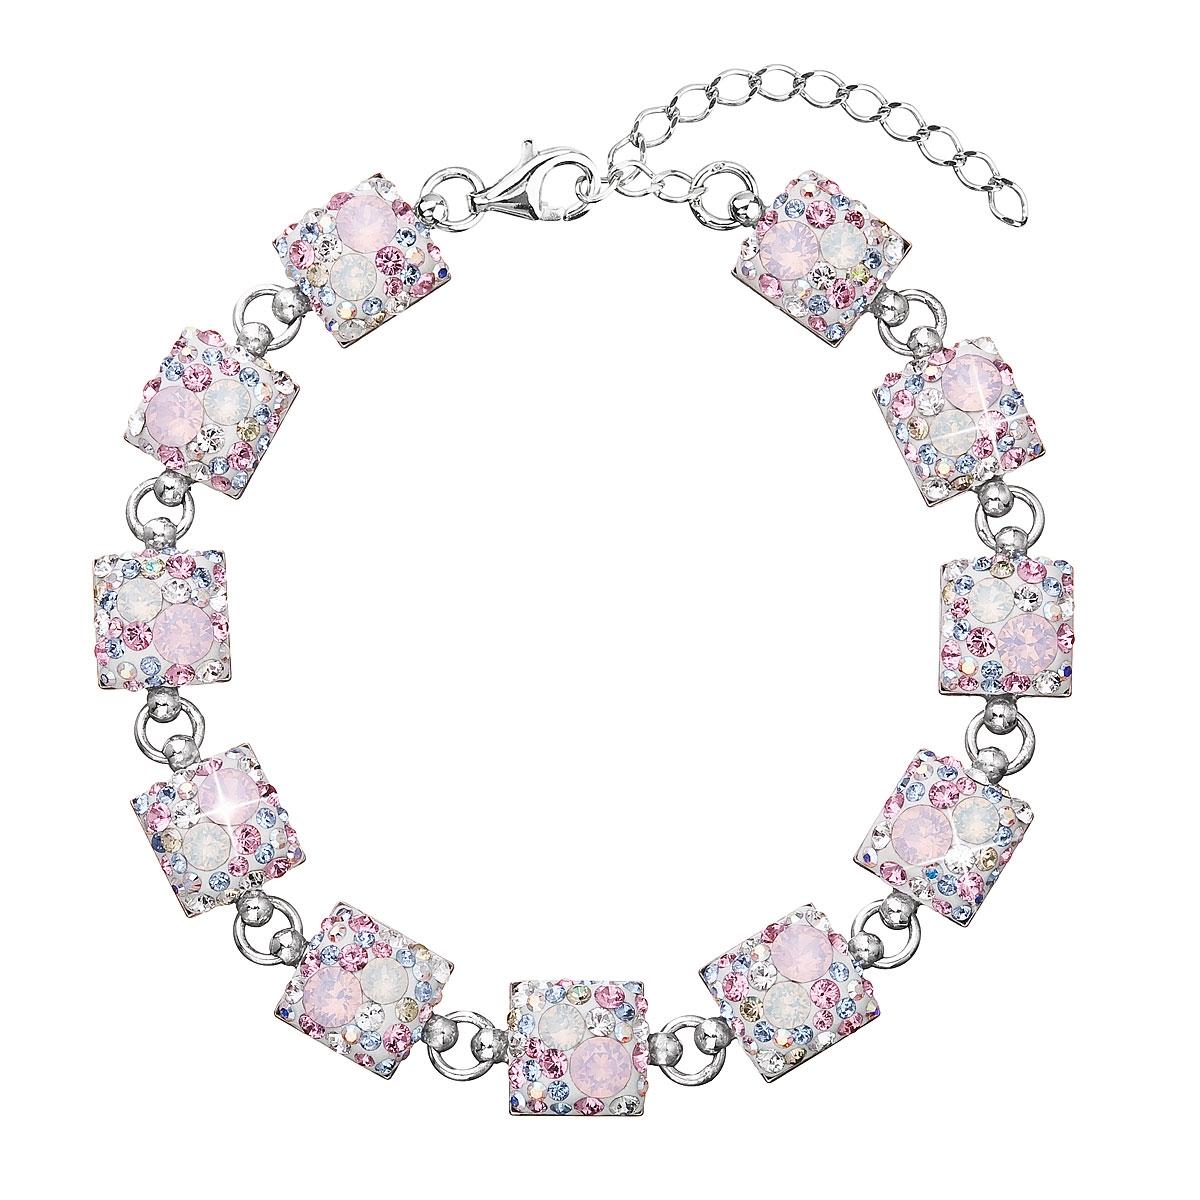 Strieborný náramok s kryštálmi Crystals from Swarovski ®, Magic Rose